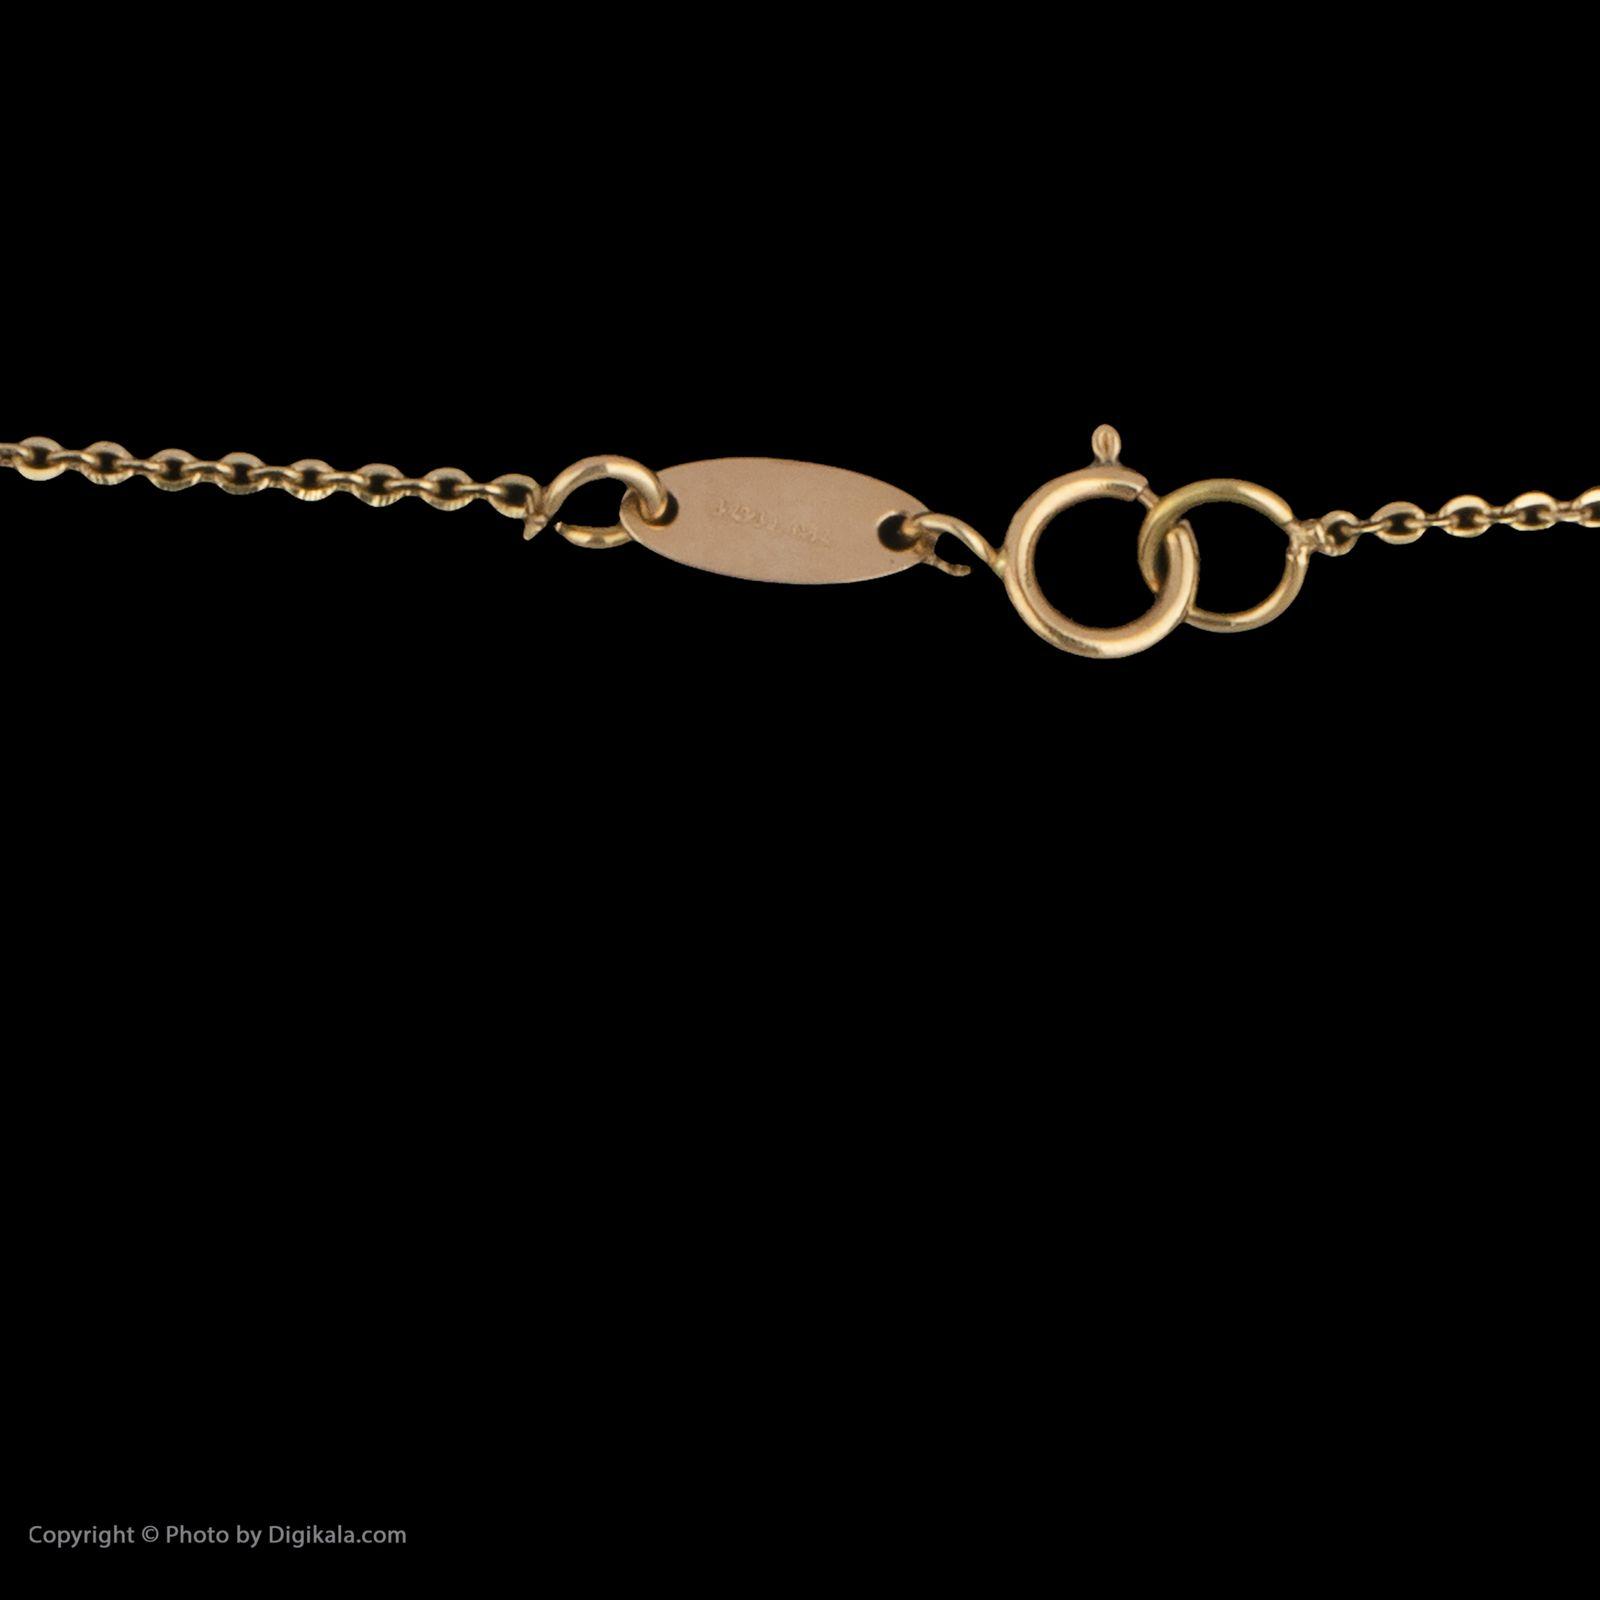 گردنبند طلا 18 عیار زنانه سیودو مدل 144604 -  - 5